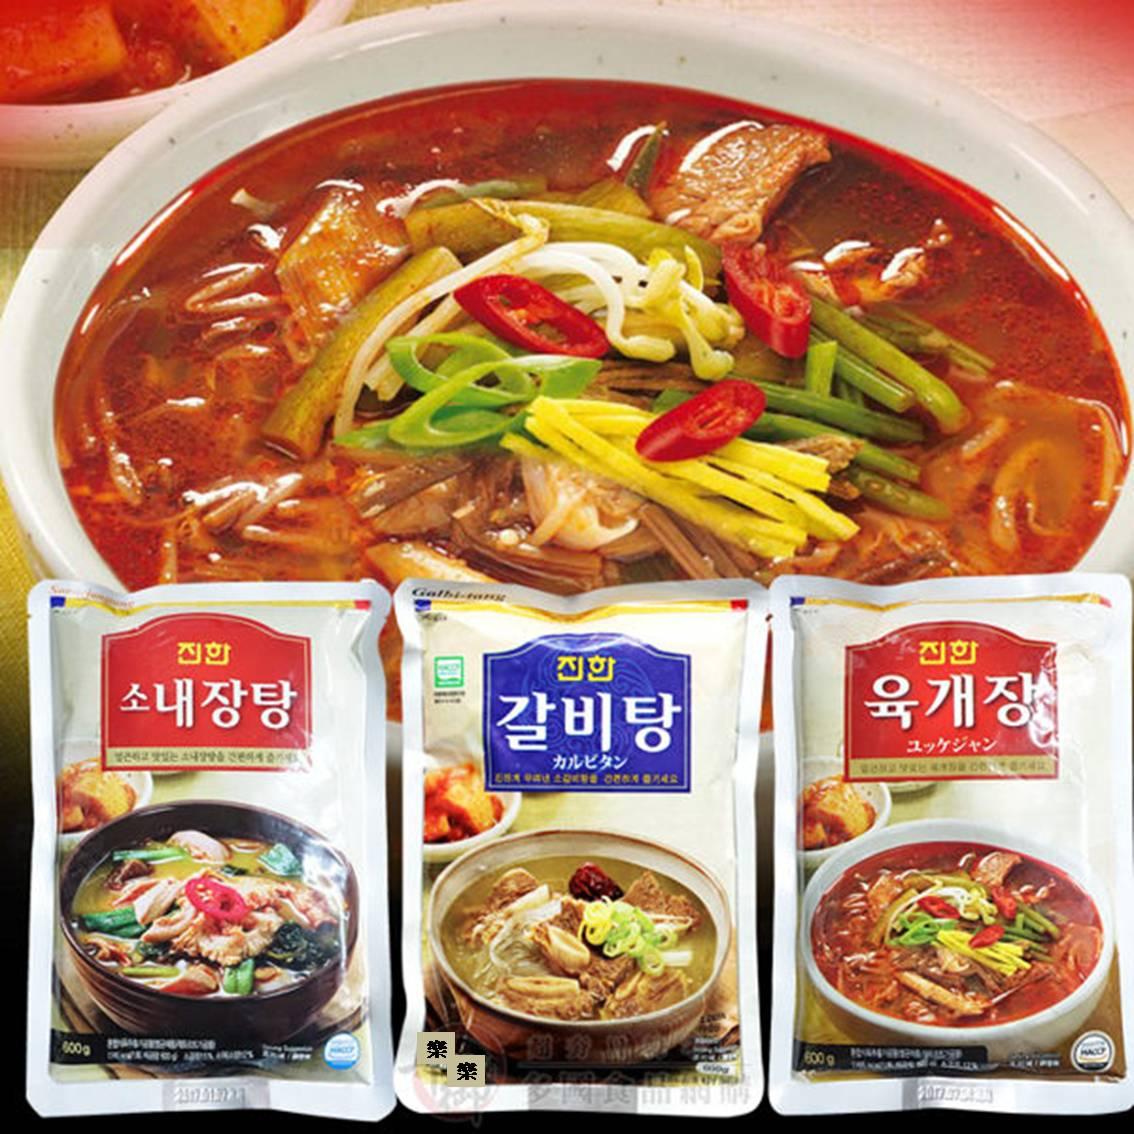 韓國 辣味牛肉湯 / 濃郁牛排湯 /辣味牛雜湯    【樂活生活館】